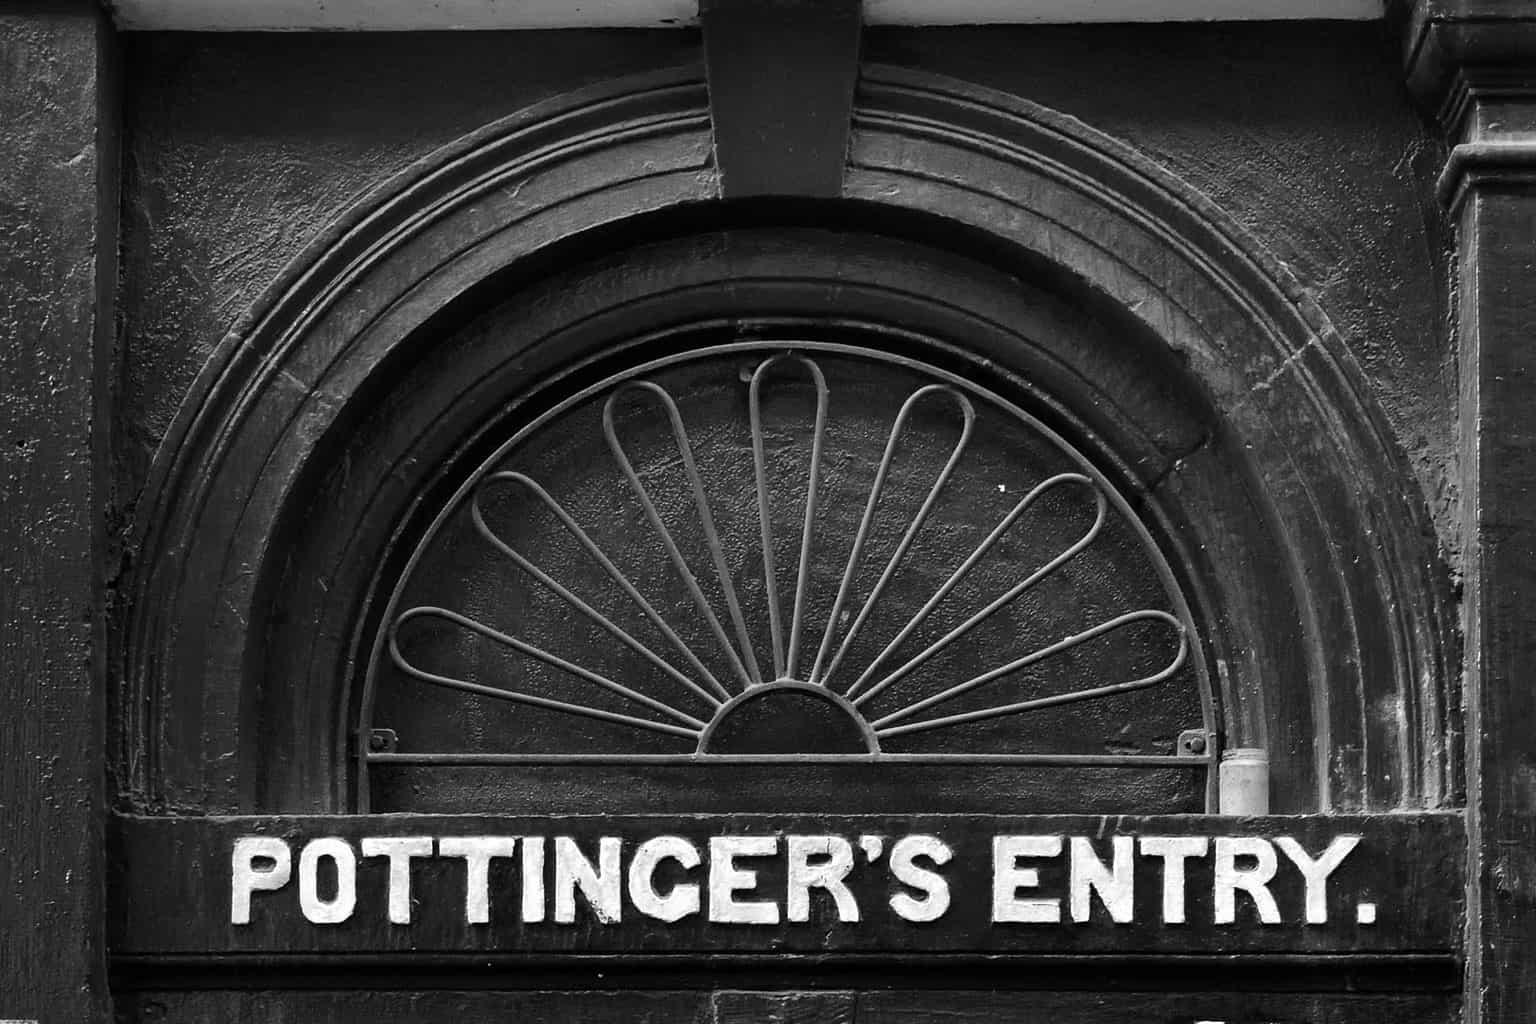 gateway, pottinger's entry, belfast